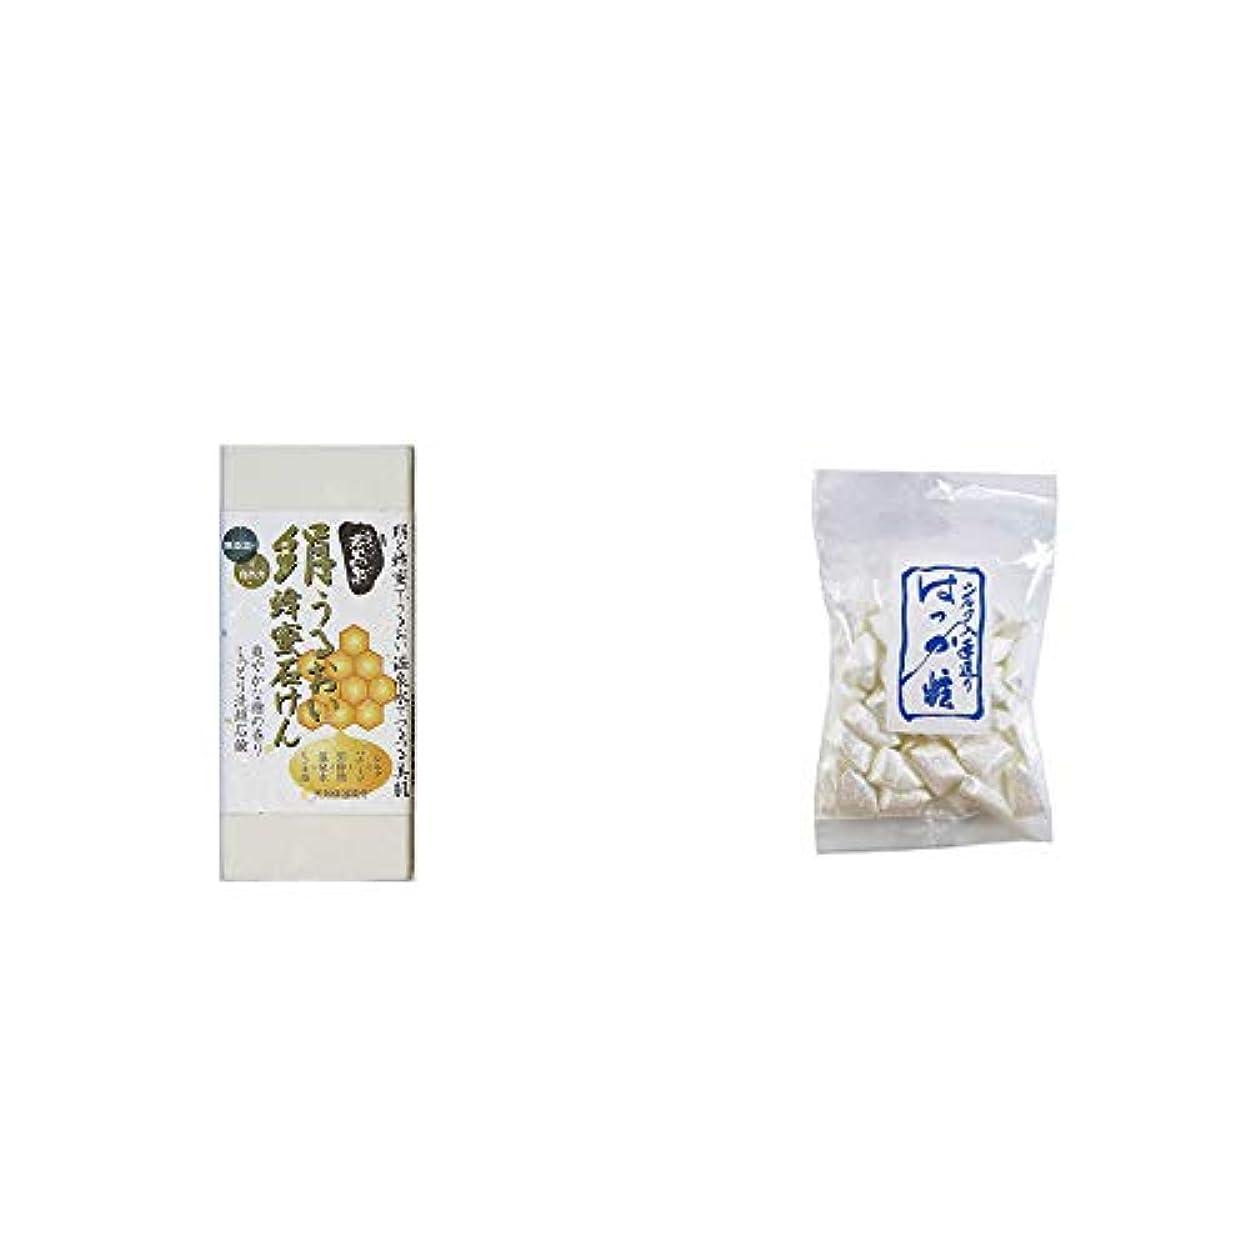 探すアウターミサイル[2点セット] ひのき炭黒泉 絹うるおい蜂蜜石けん(75g×2)?シルクはっか糖(150g)